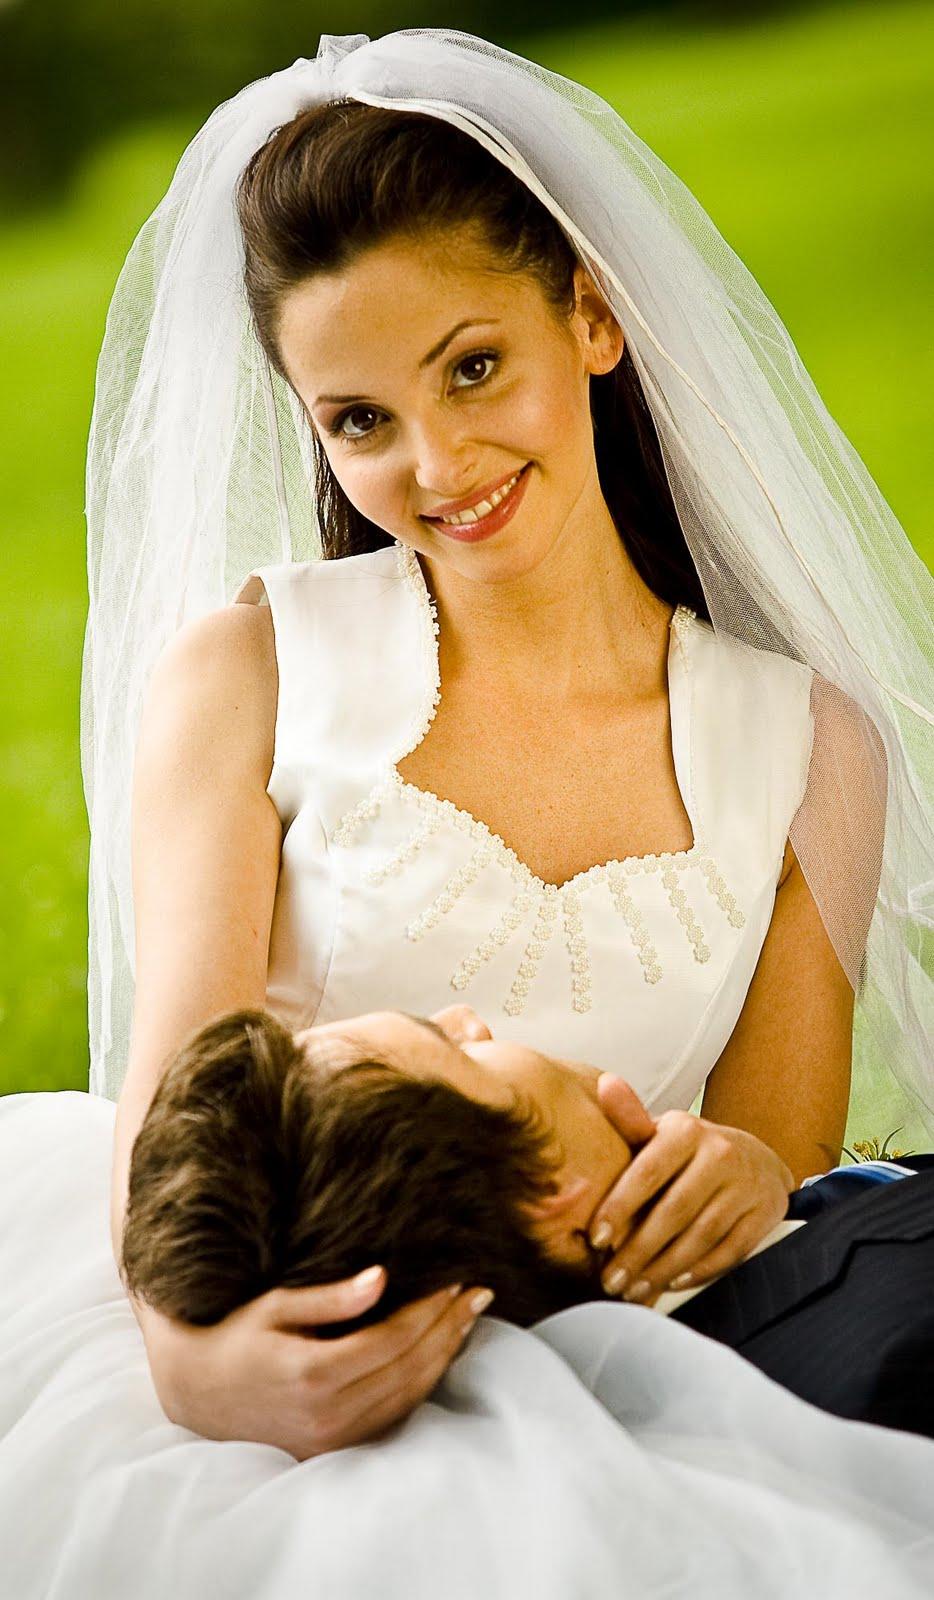 Hochzeitseinladungstexte beispiele wie zur hochzeit einladen Ansichten ...